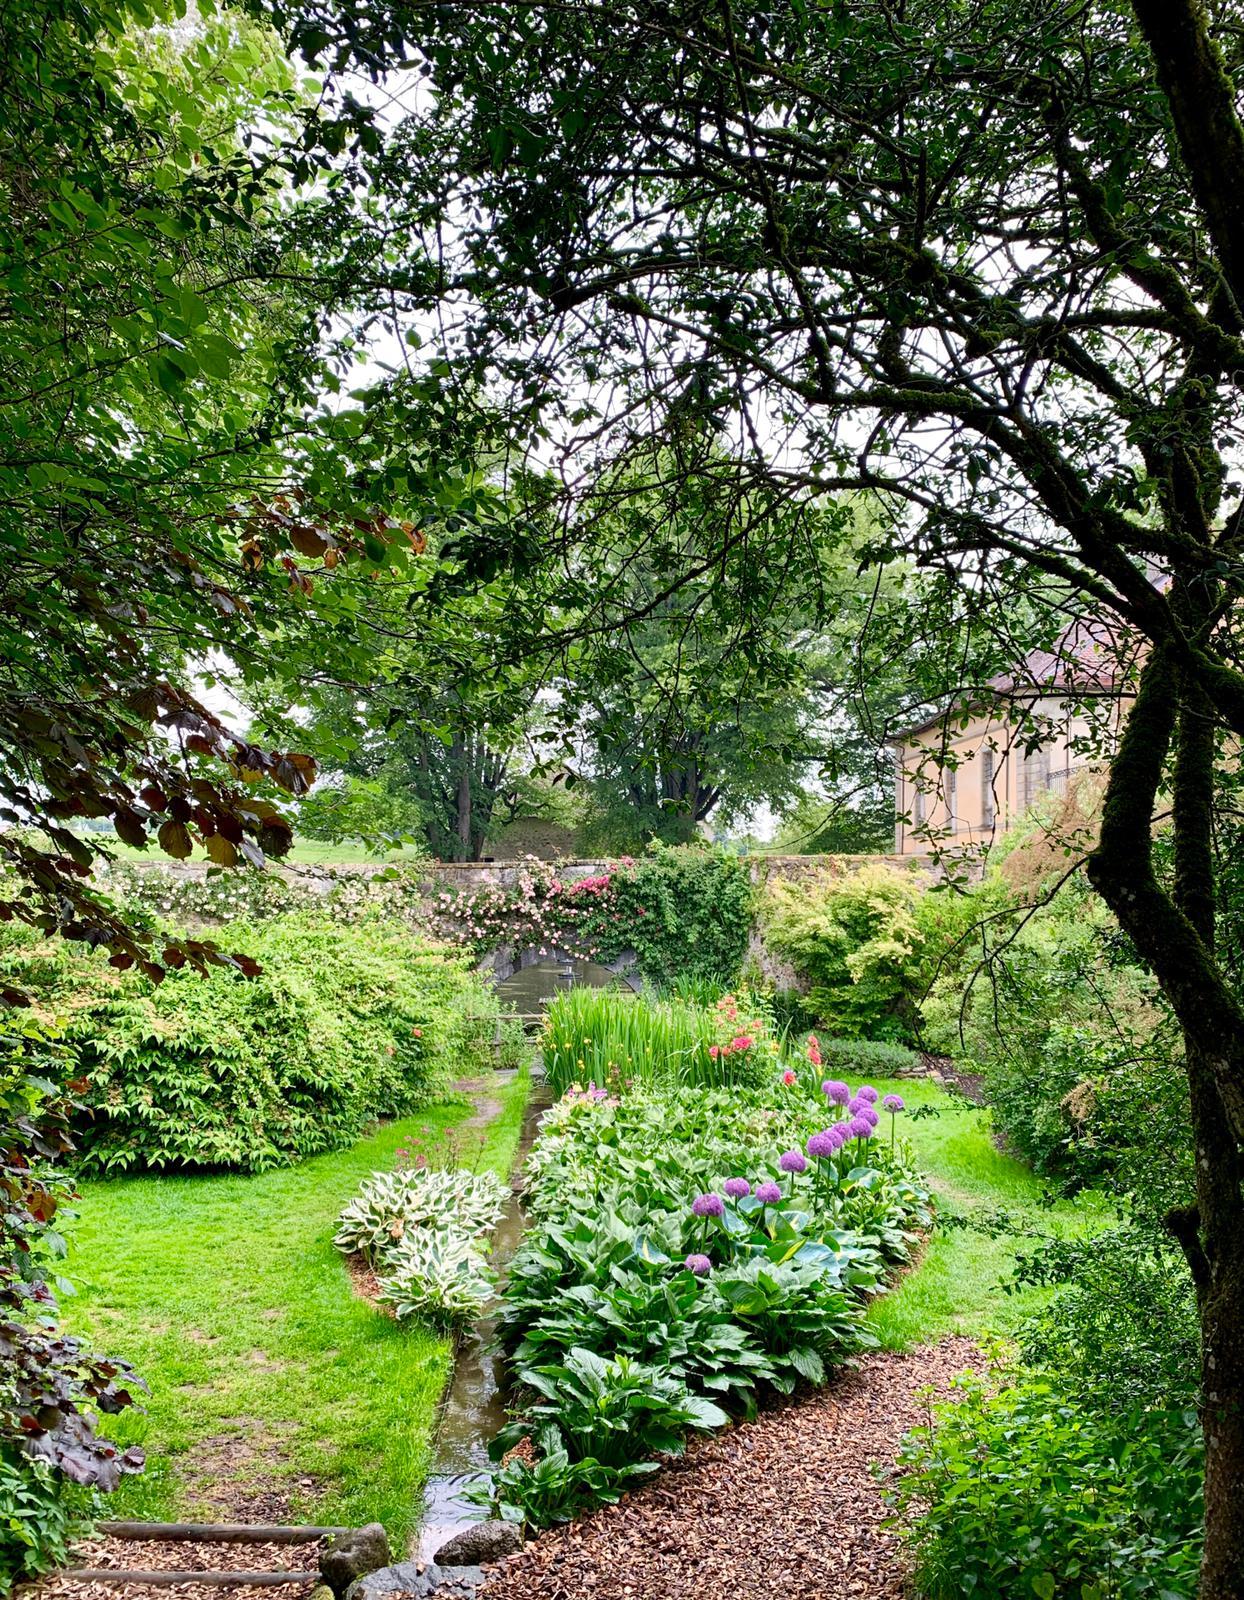 Atmosphère fleurie dans le jardin secret.